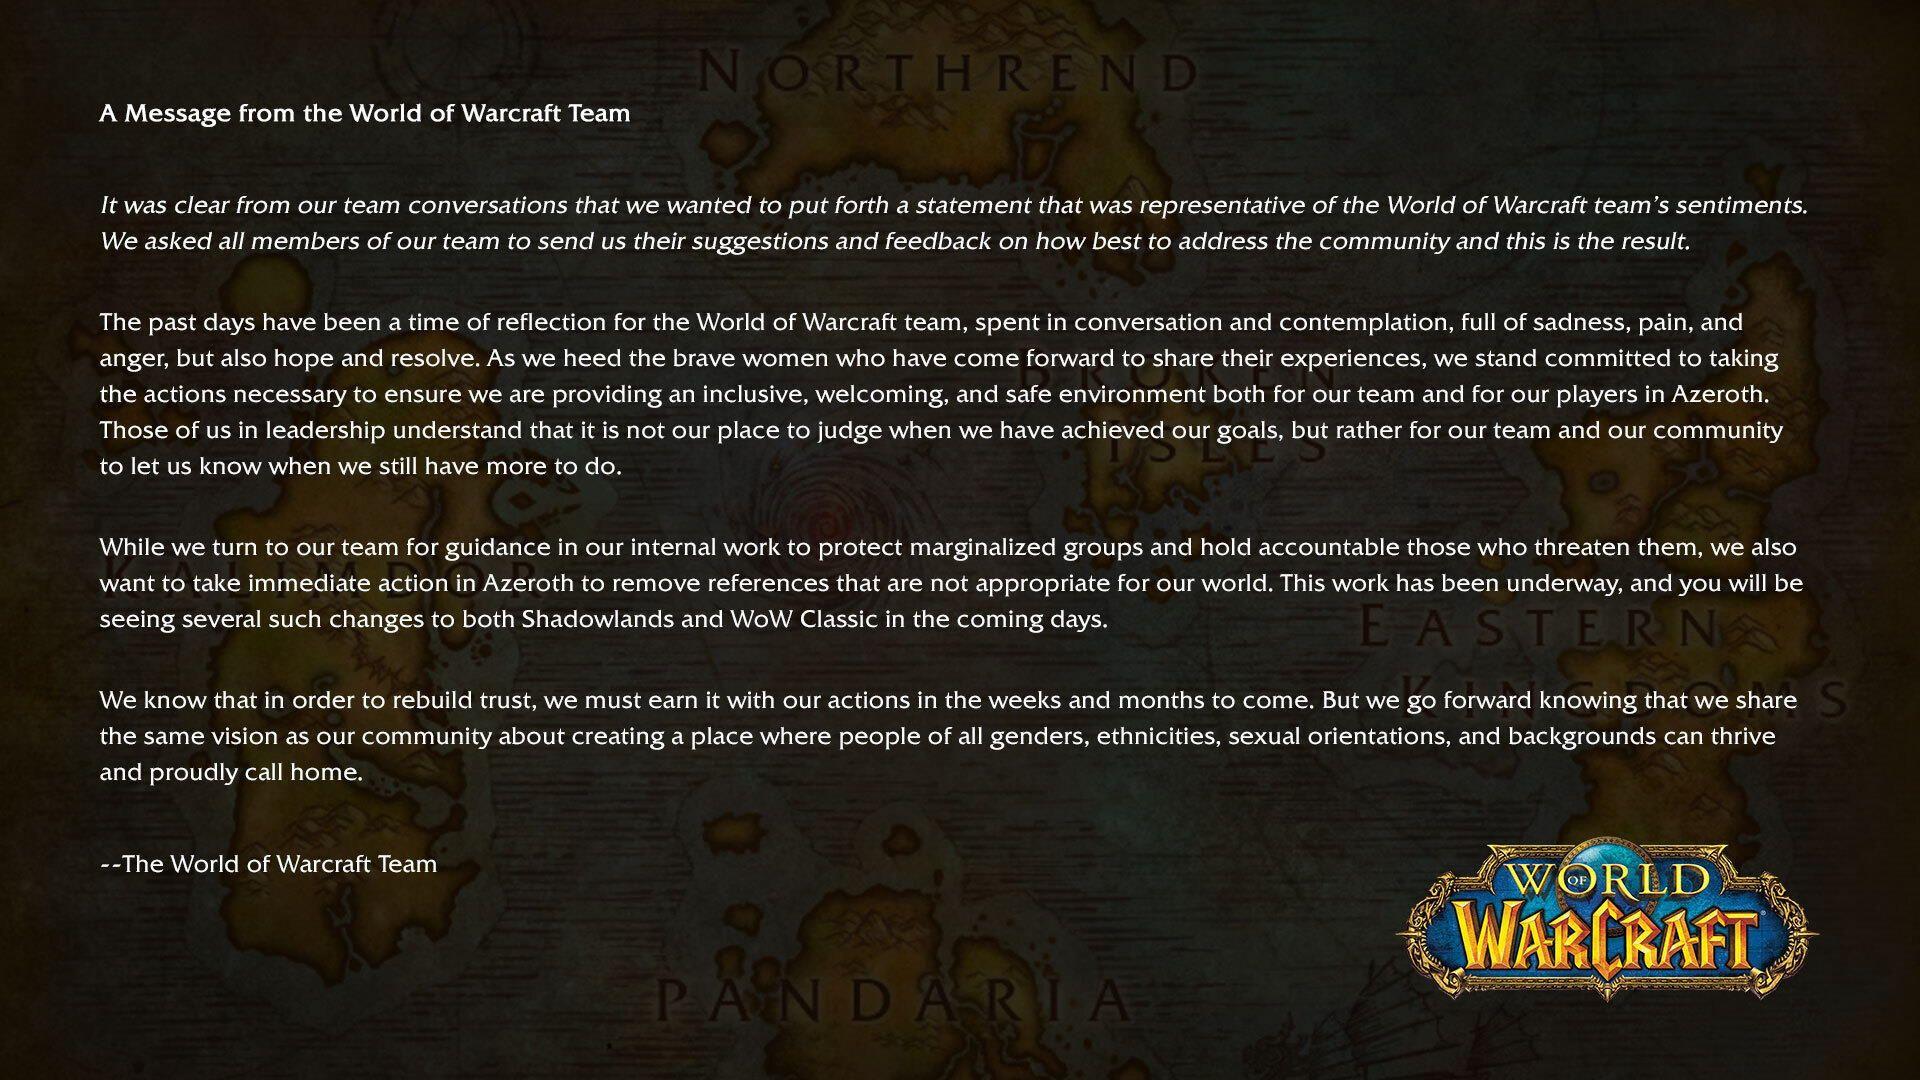 World of Warcraft Statement